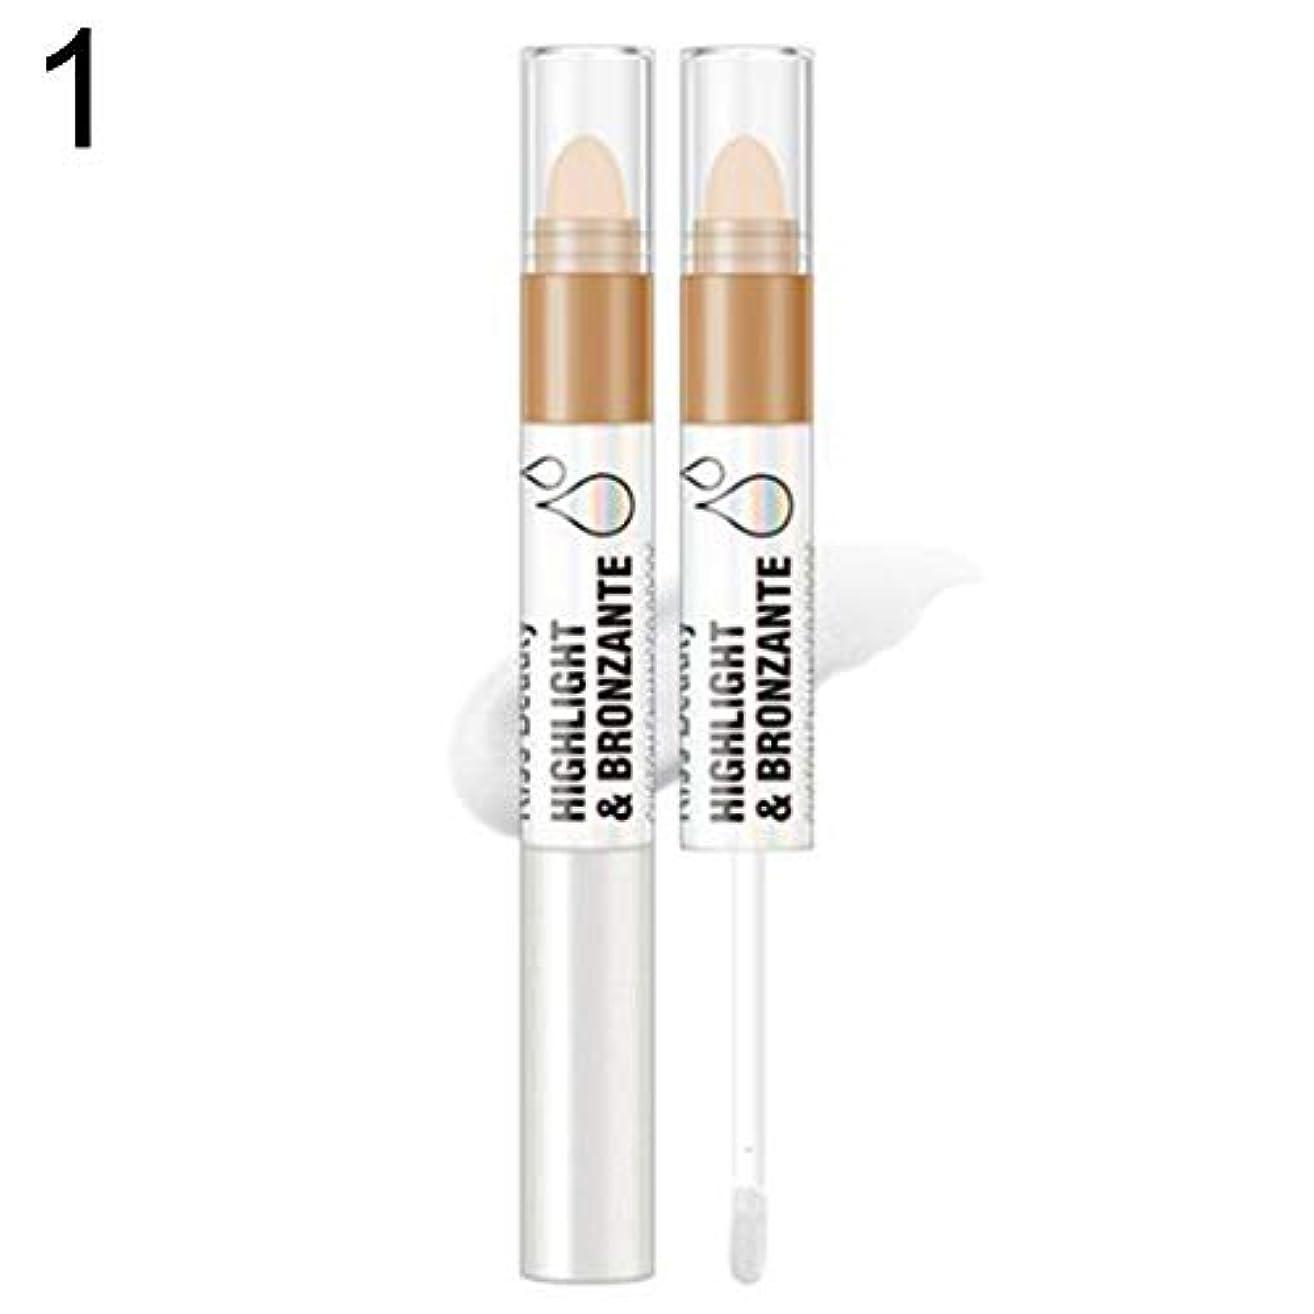 プレビスサイト褐色にぎやかKissbeauty液体蛍光ペンフェイスグロープライマーオイルコントロールコンターブライトナー - 1